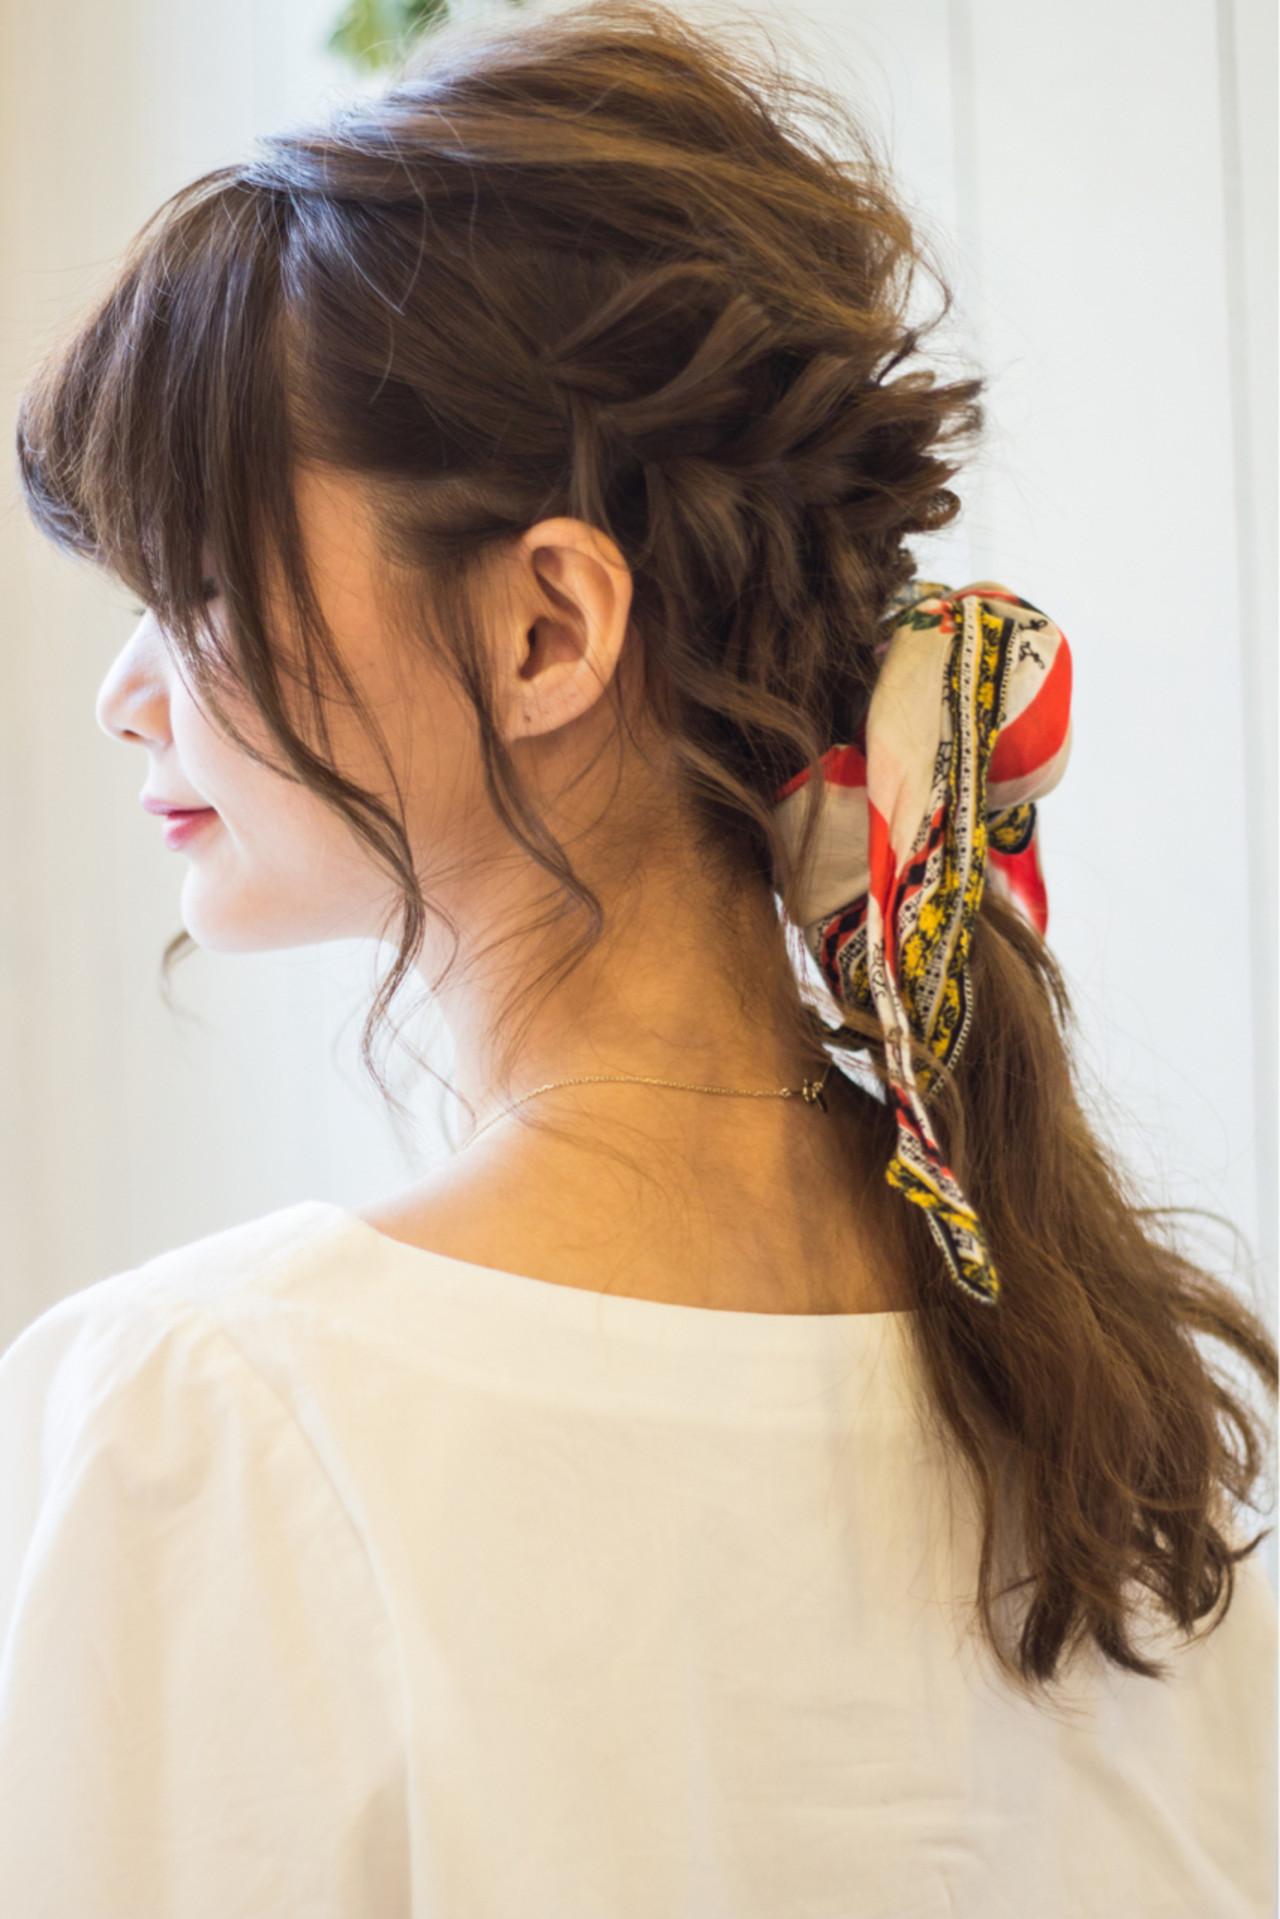 オフィス リラックス セミロング ガーリー ヘアスタイルや髪型の写真・画像